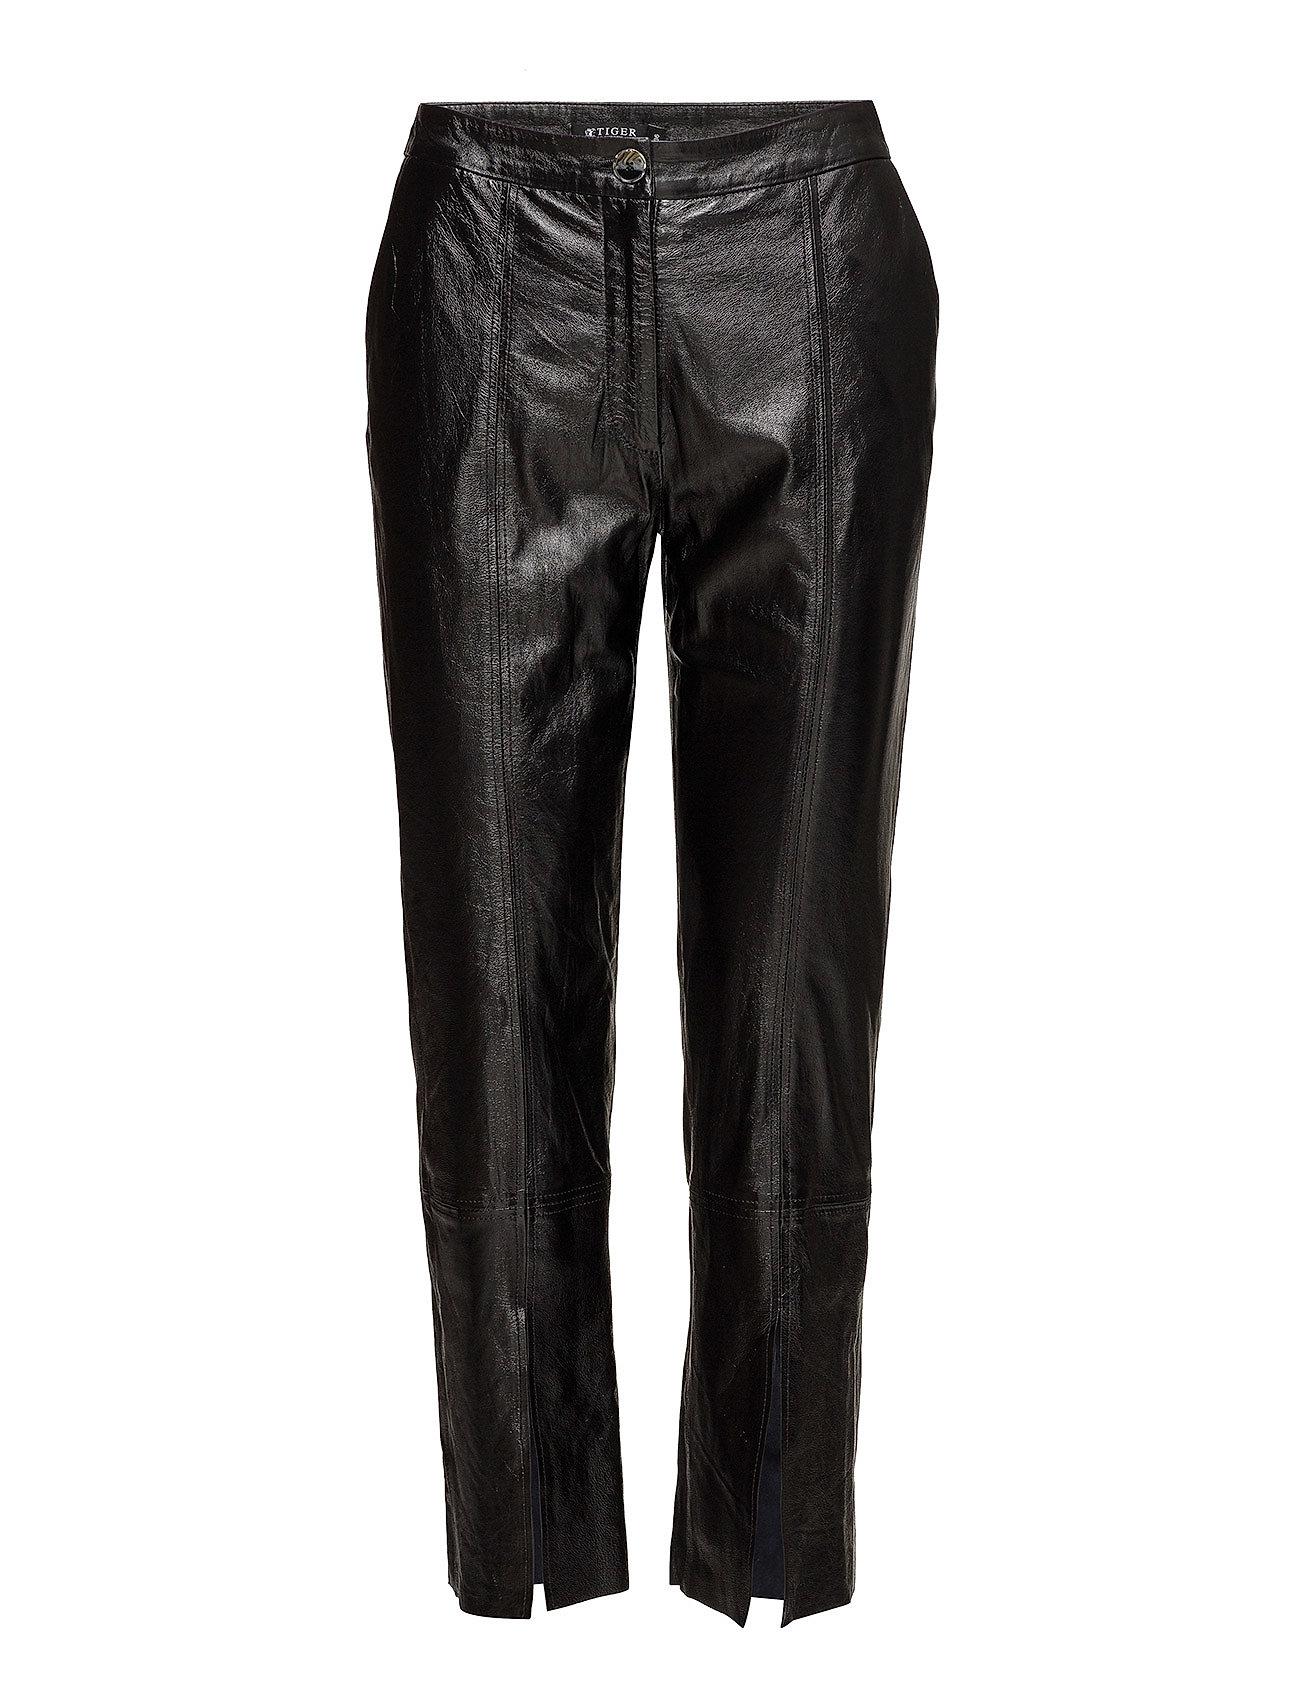 Image of Sol Leather Leggings/Bukser Sort TIGER OF SWEDEN (2845971621)